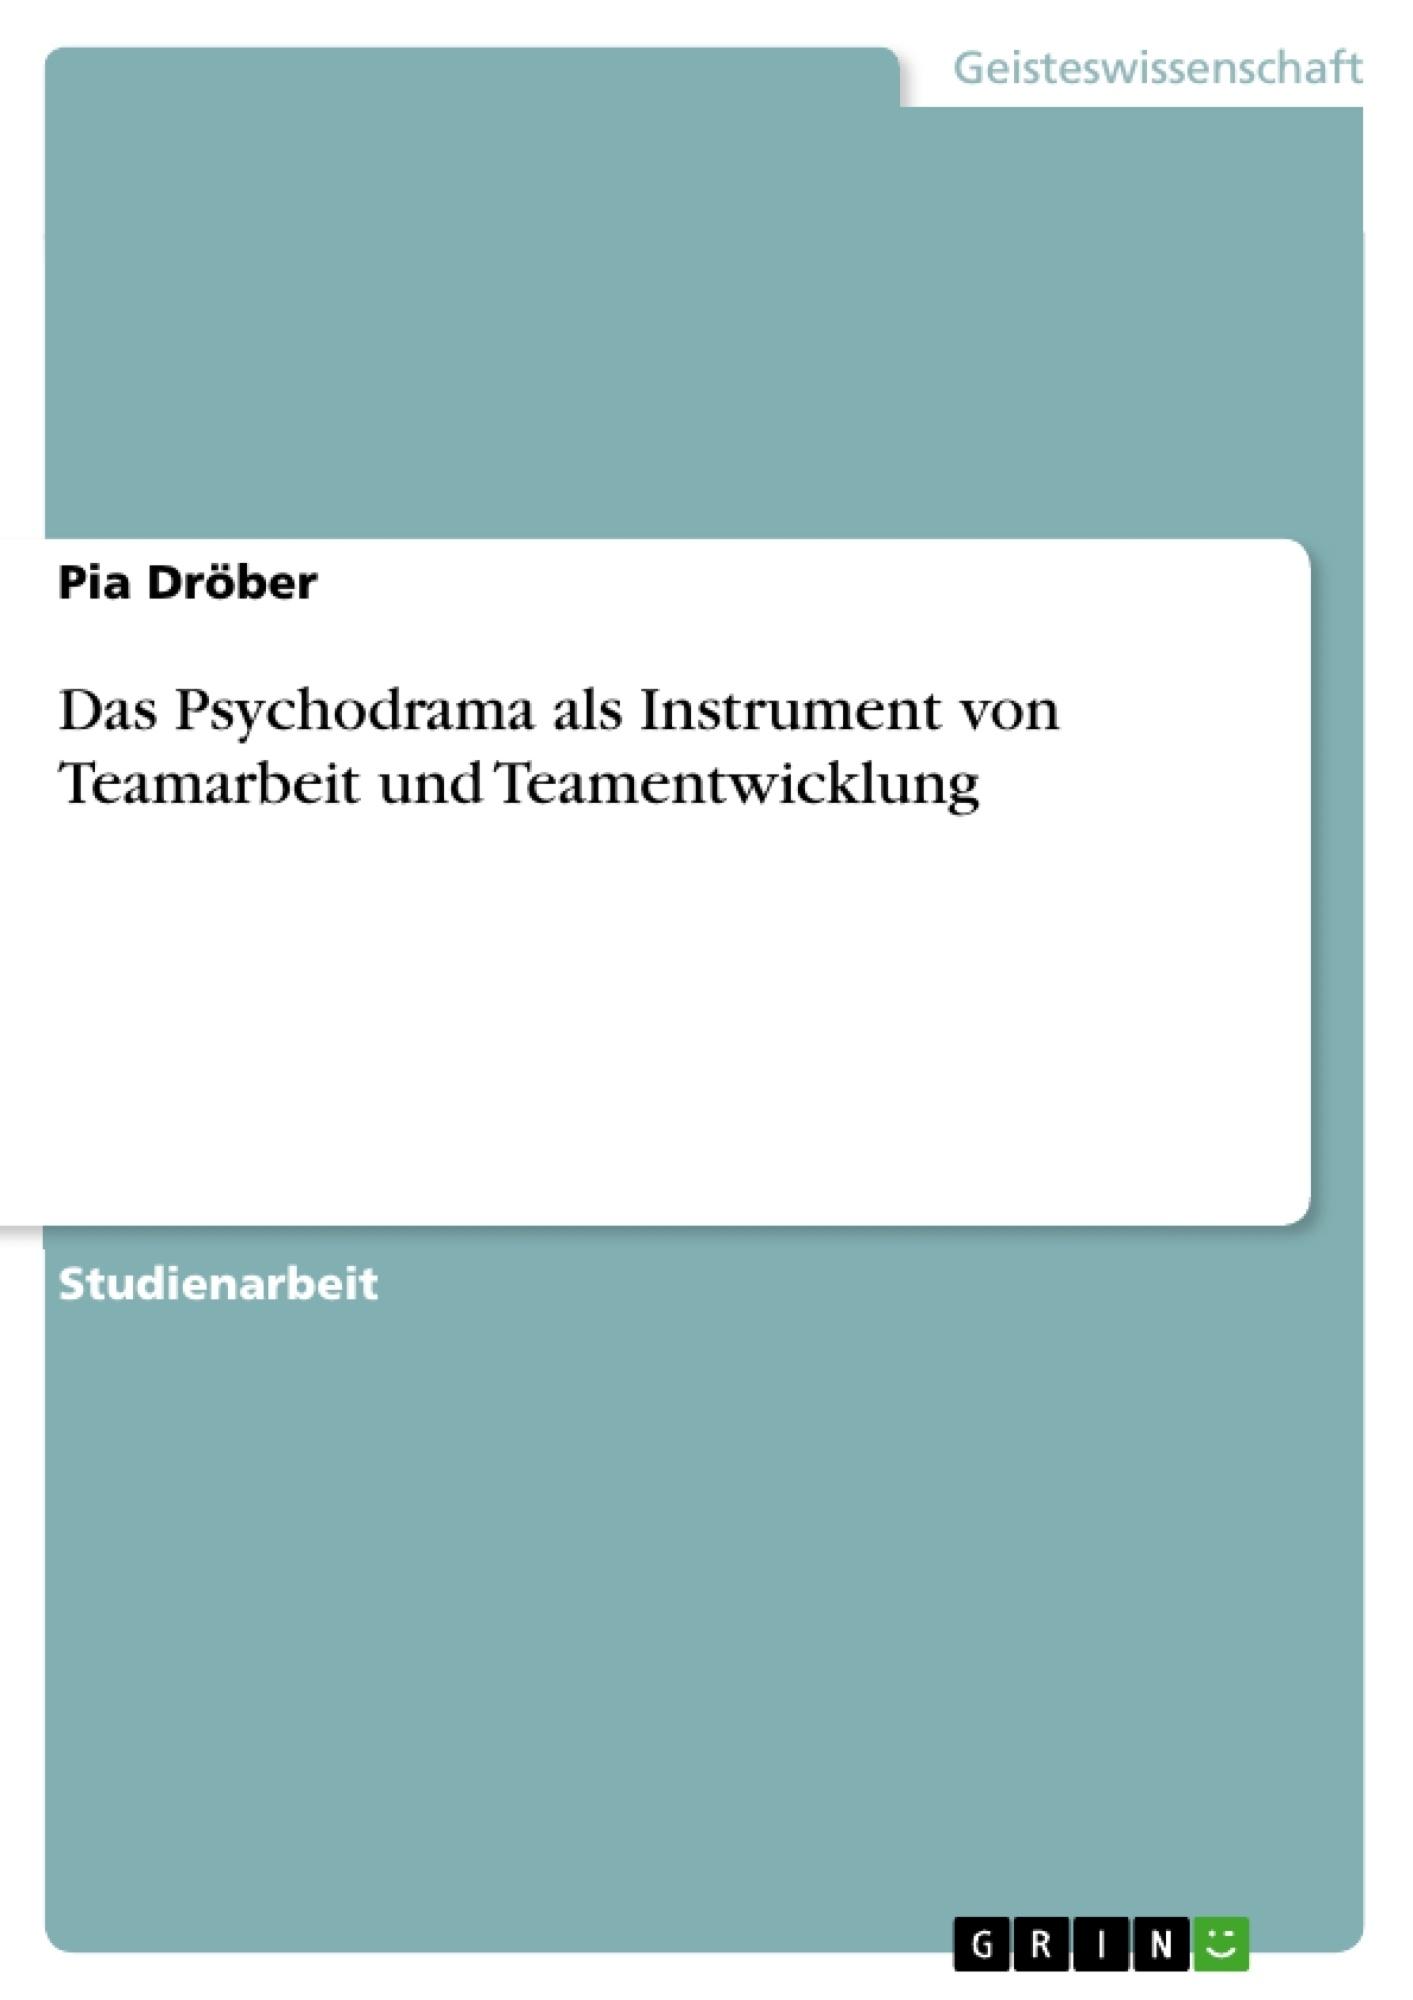 Titel: Das Psychodrama als Instrument von Teamarbeit und Teamentwicklung